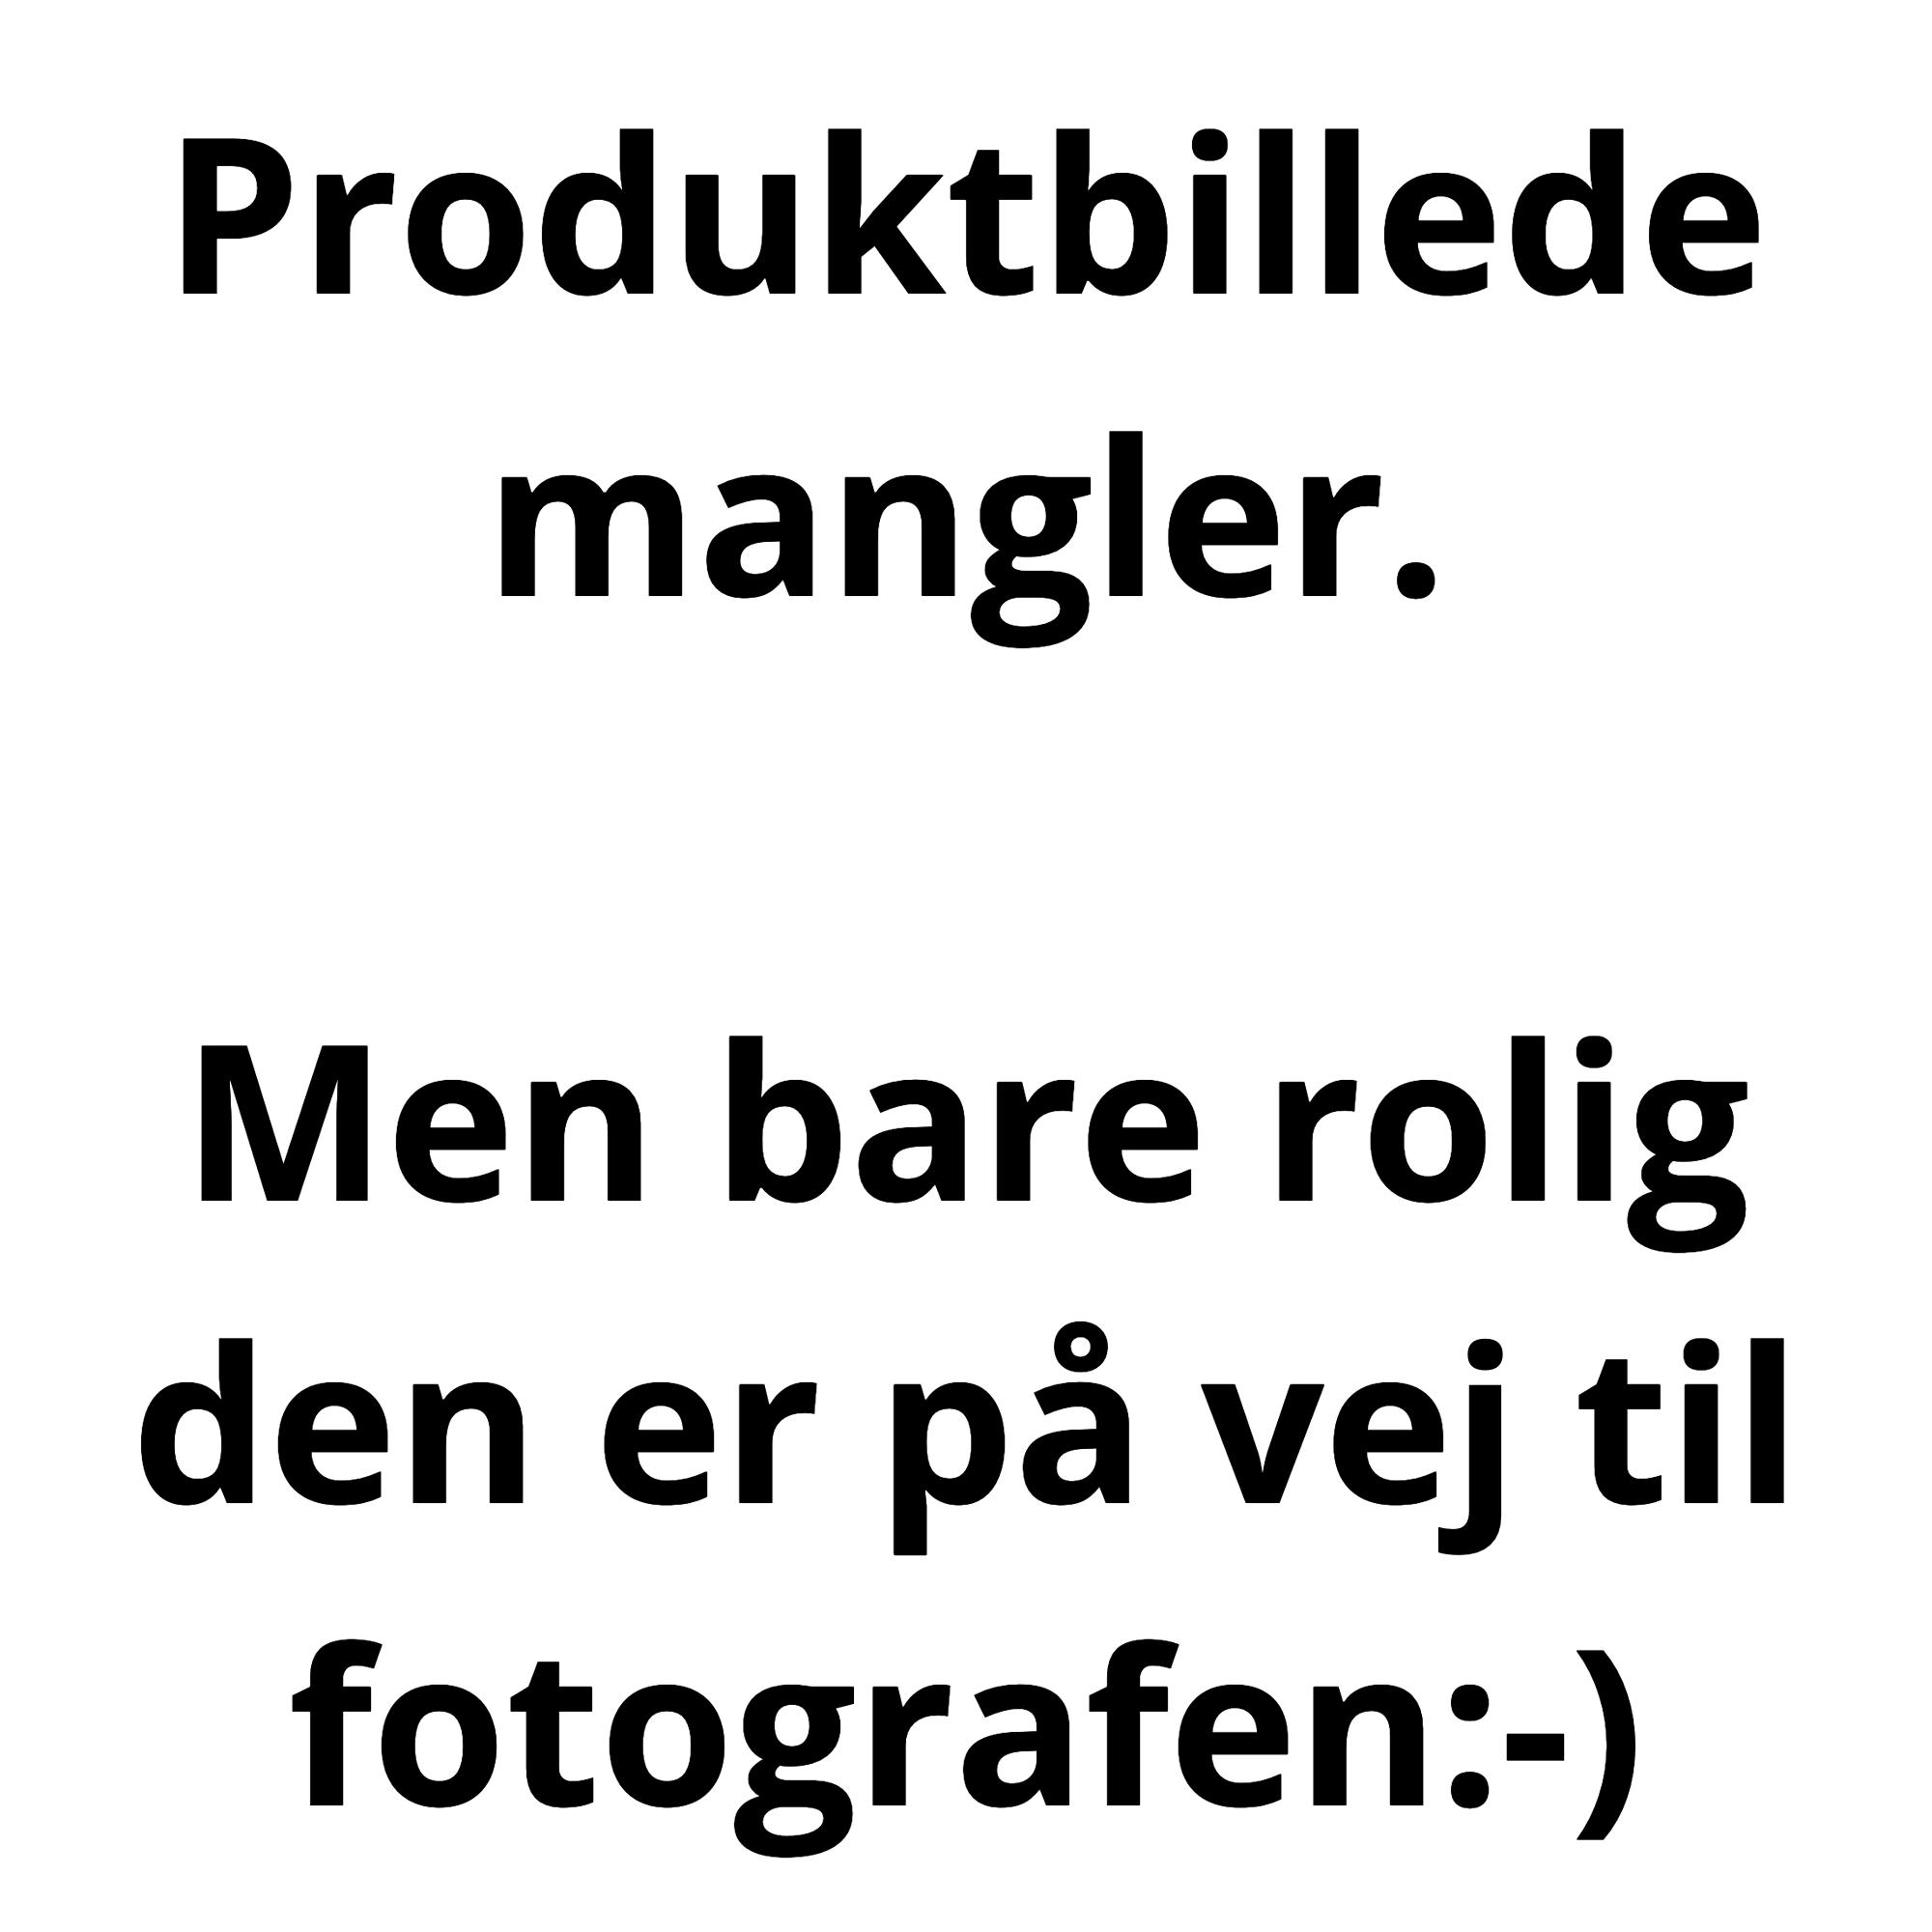 Brodit Apple iPhone 6S Plus/7 Plus/8 Plus/Xs Max - Passiv Holder